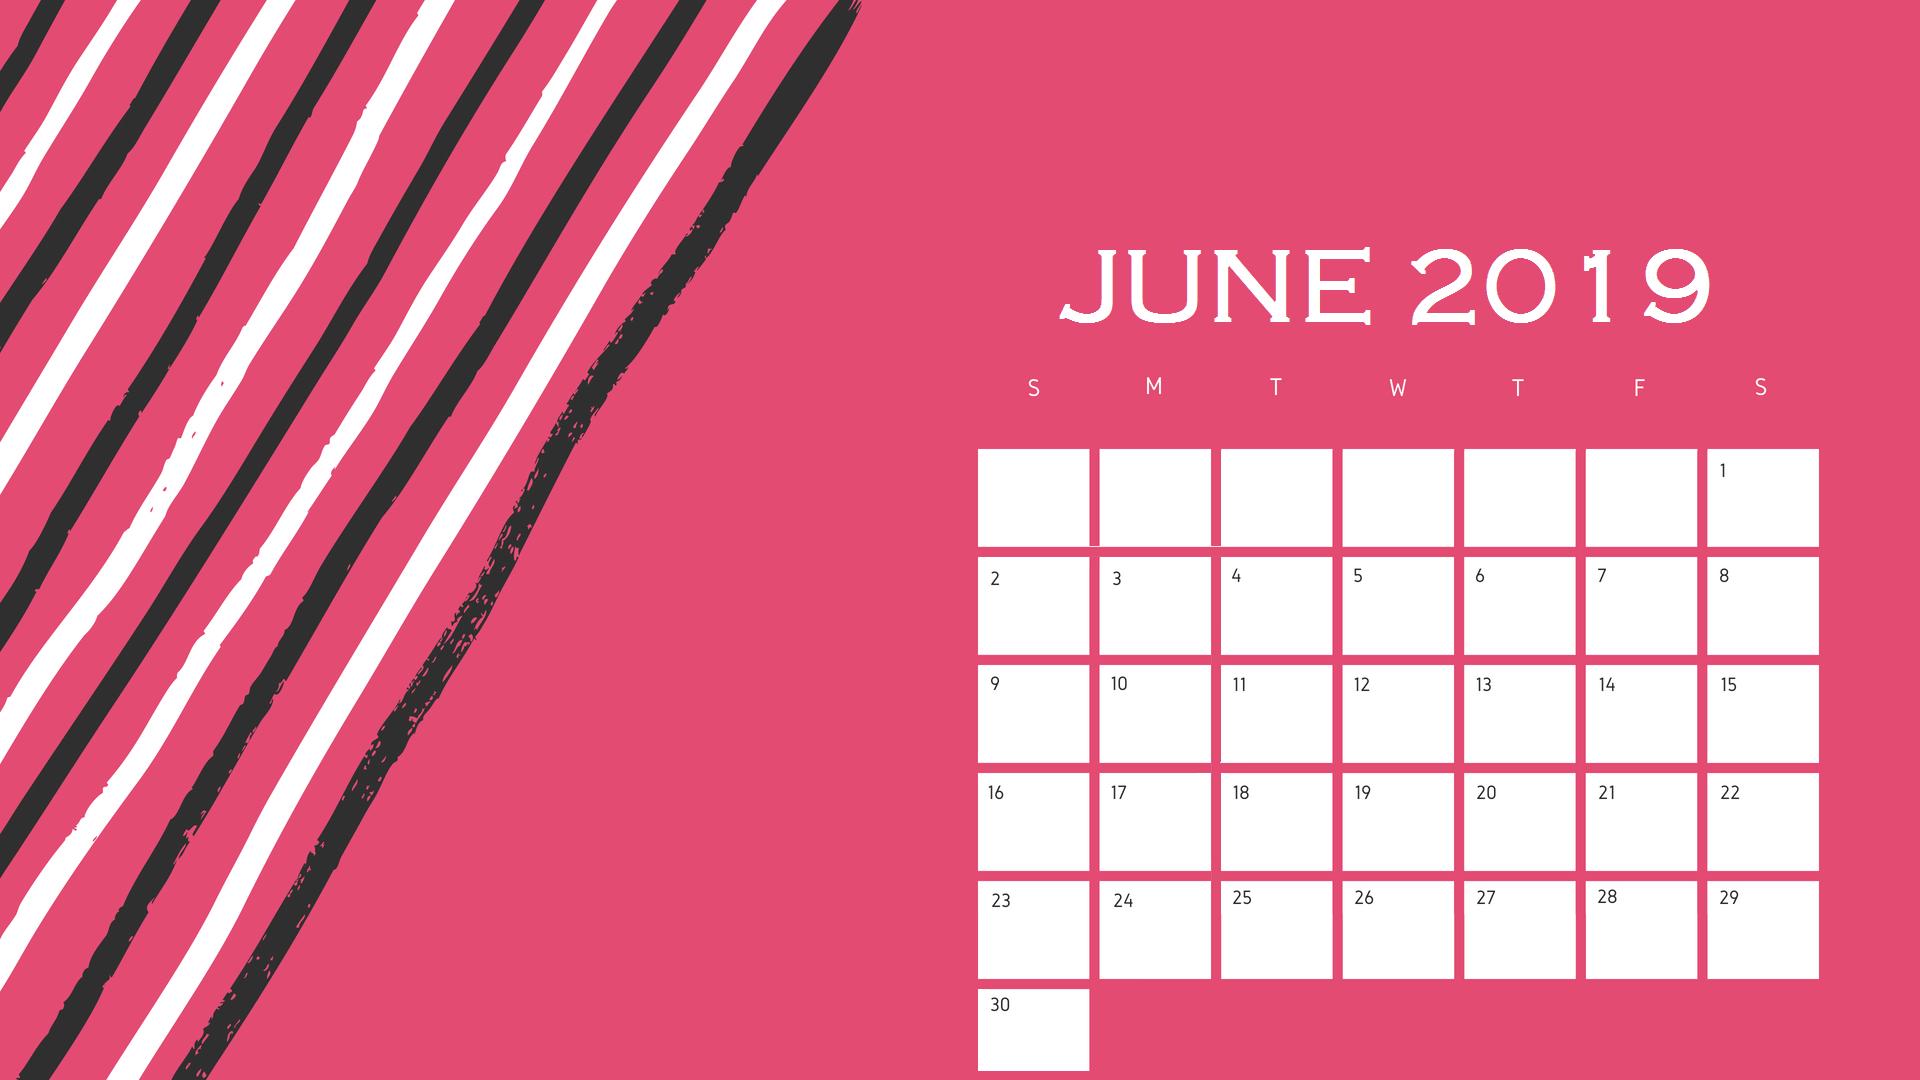 Best June 2019 Calendar Design